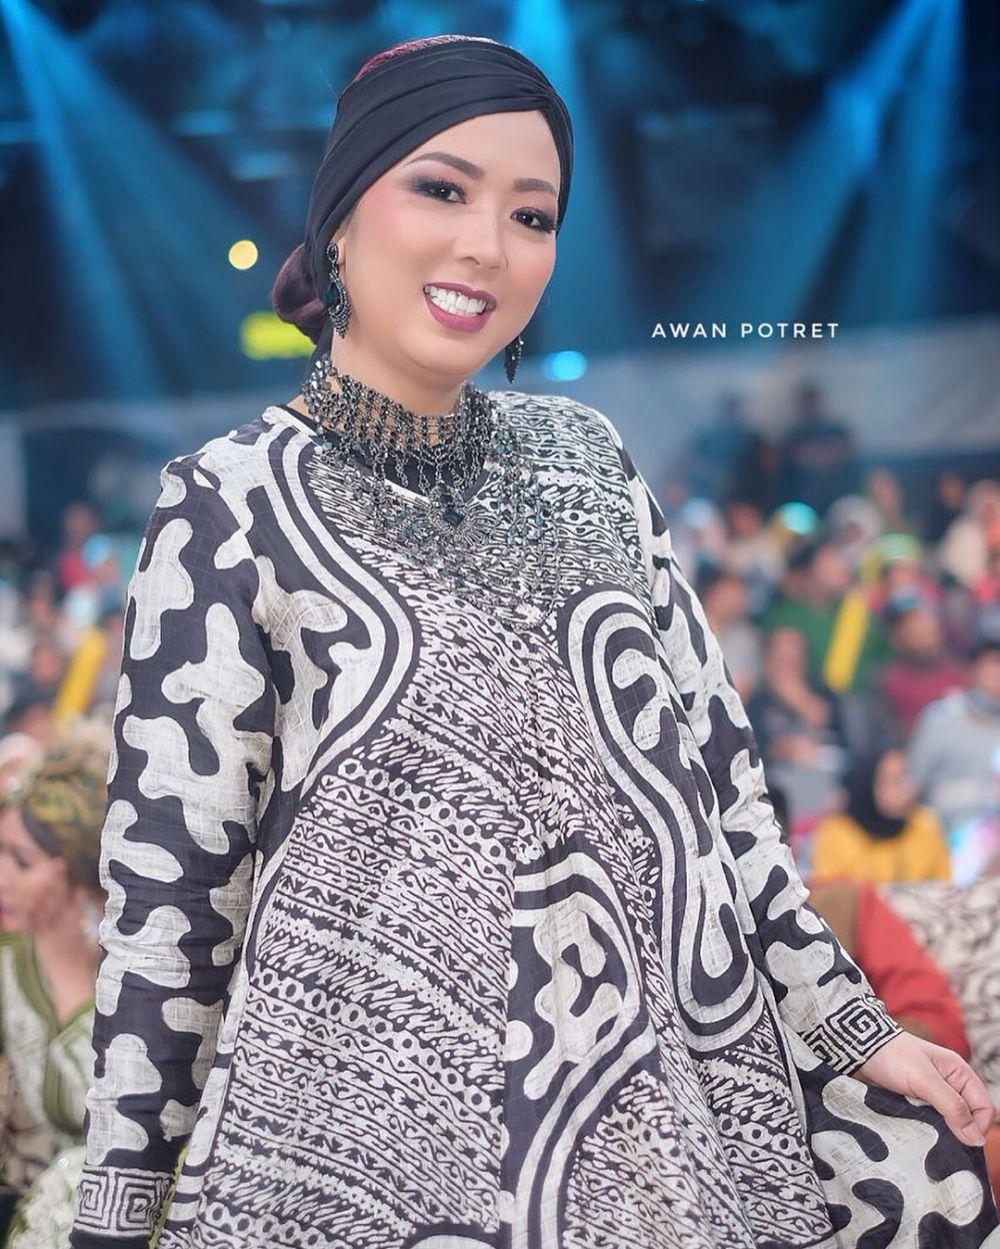 Baju Batik Ala Artis: 10 Inspirasi Gaun Batik Ala Soimah Ini Bisa Kamu Tiru